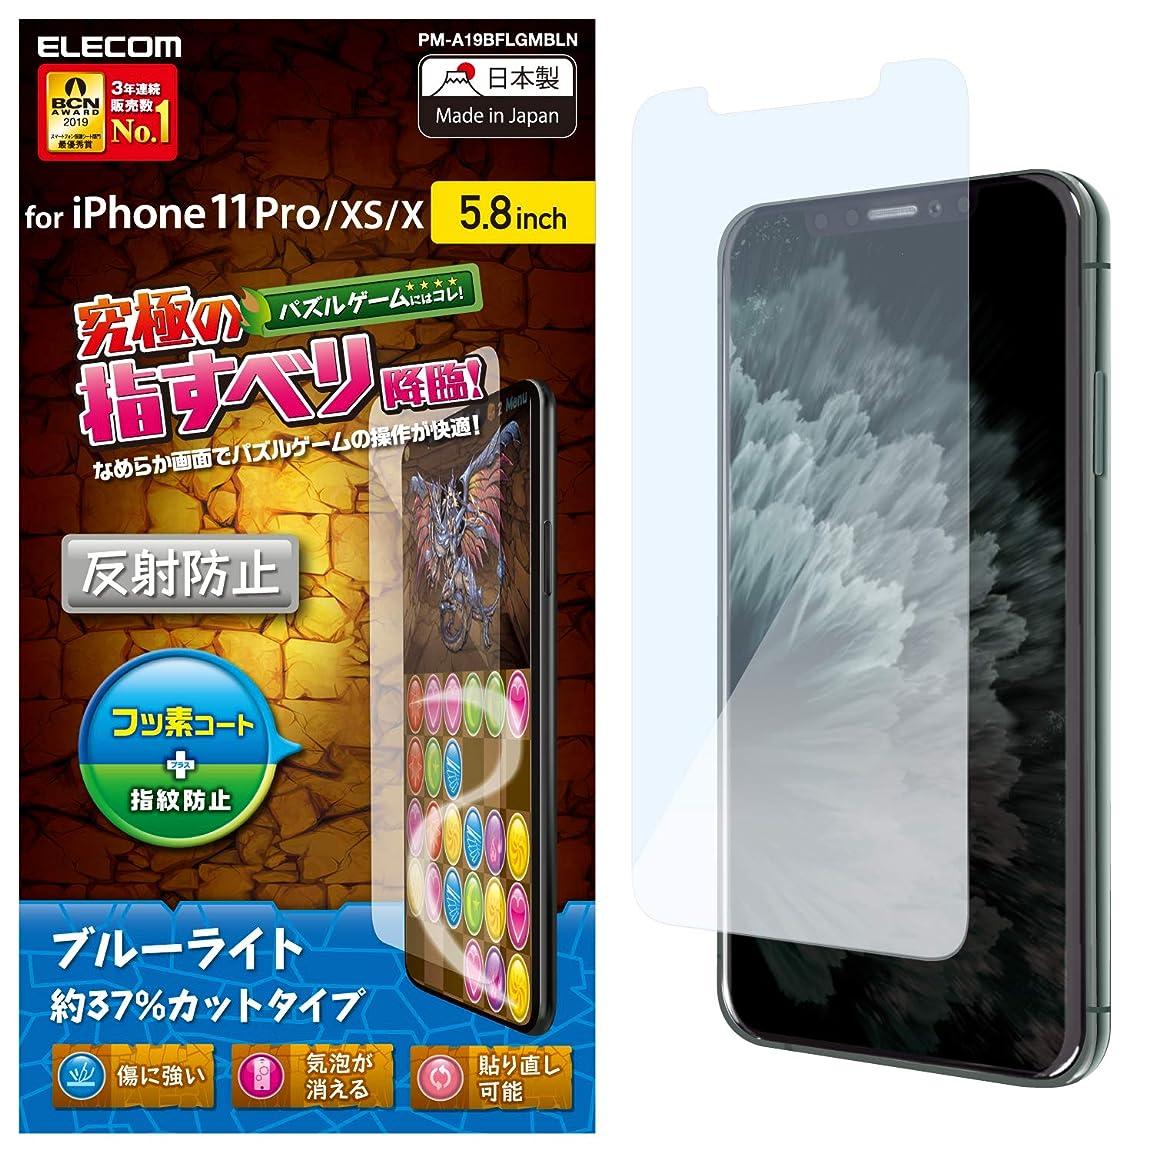 痴漢ナイトスポット植生エレコム iPhone 11 Pro/iPhone XS/iPhone X 強化ガラス フィルム [高い透過率となめらかな指ざわり] ゲーム用 反射防止 ブルーライト PM-A19BFLGMBLN